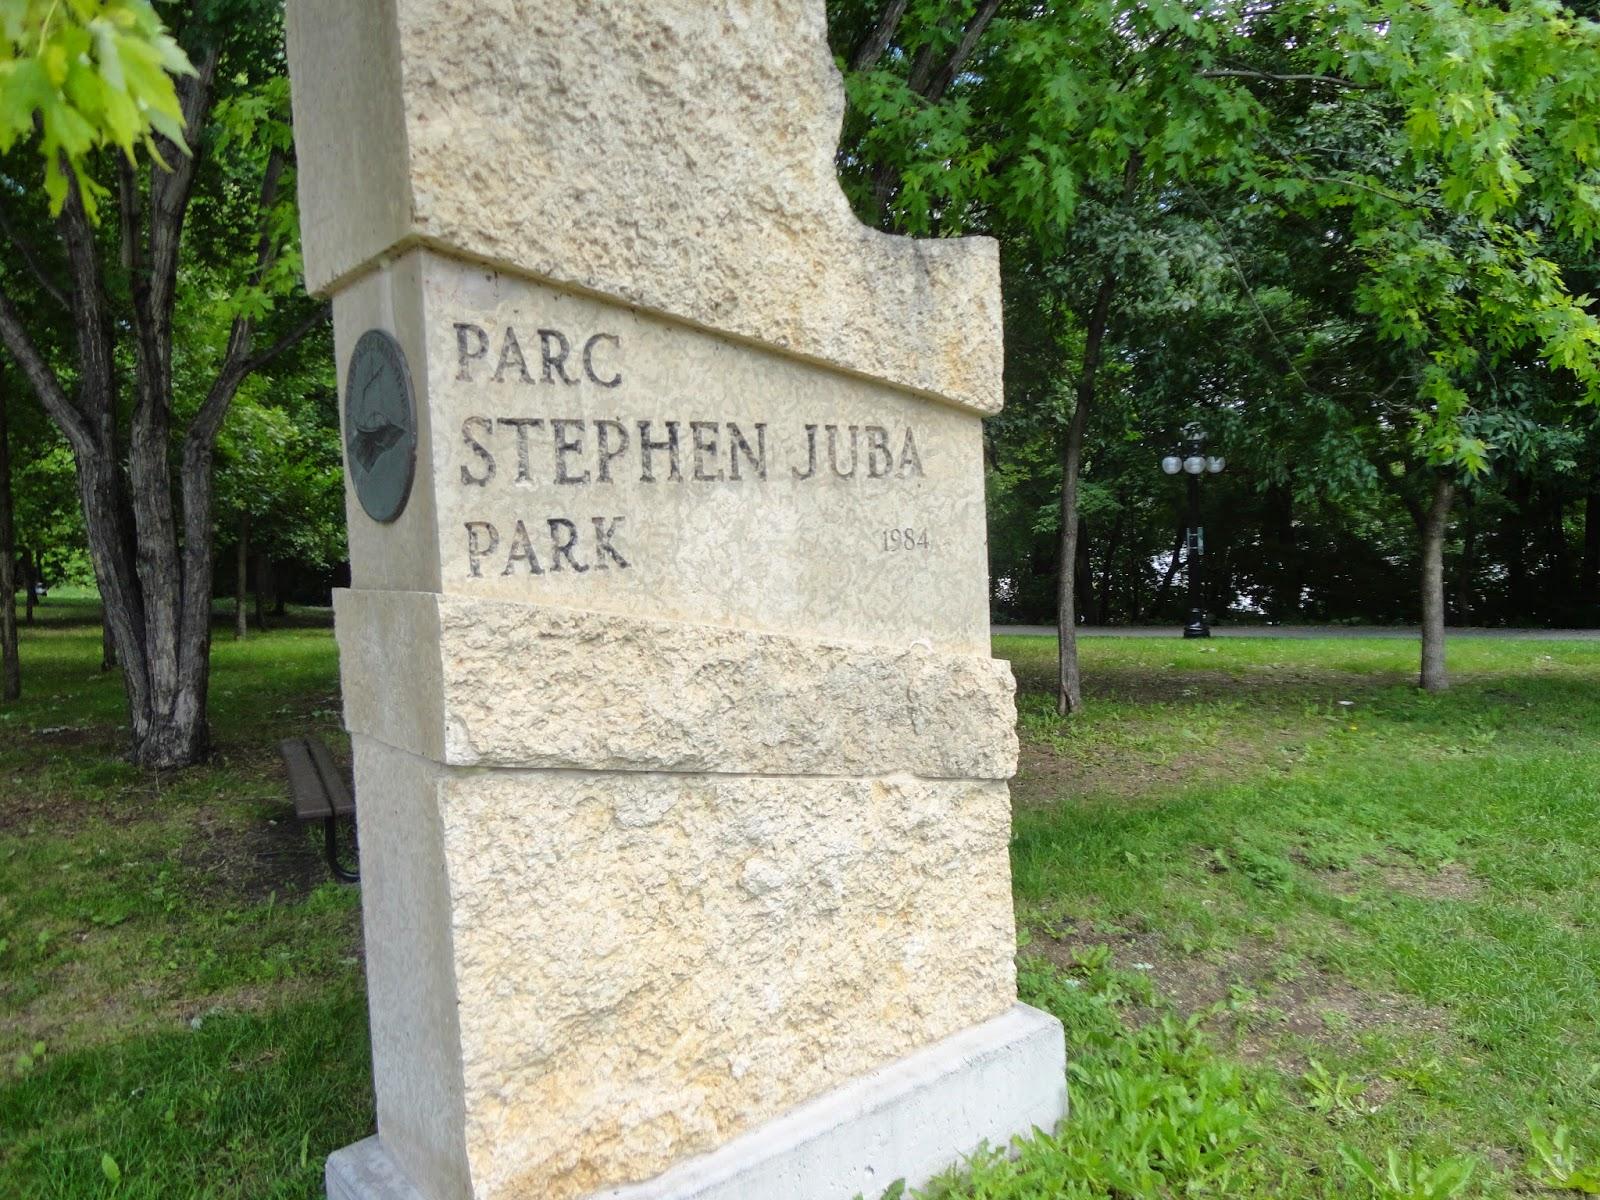 Parc Stephen Juba Park